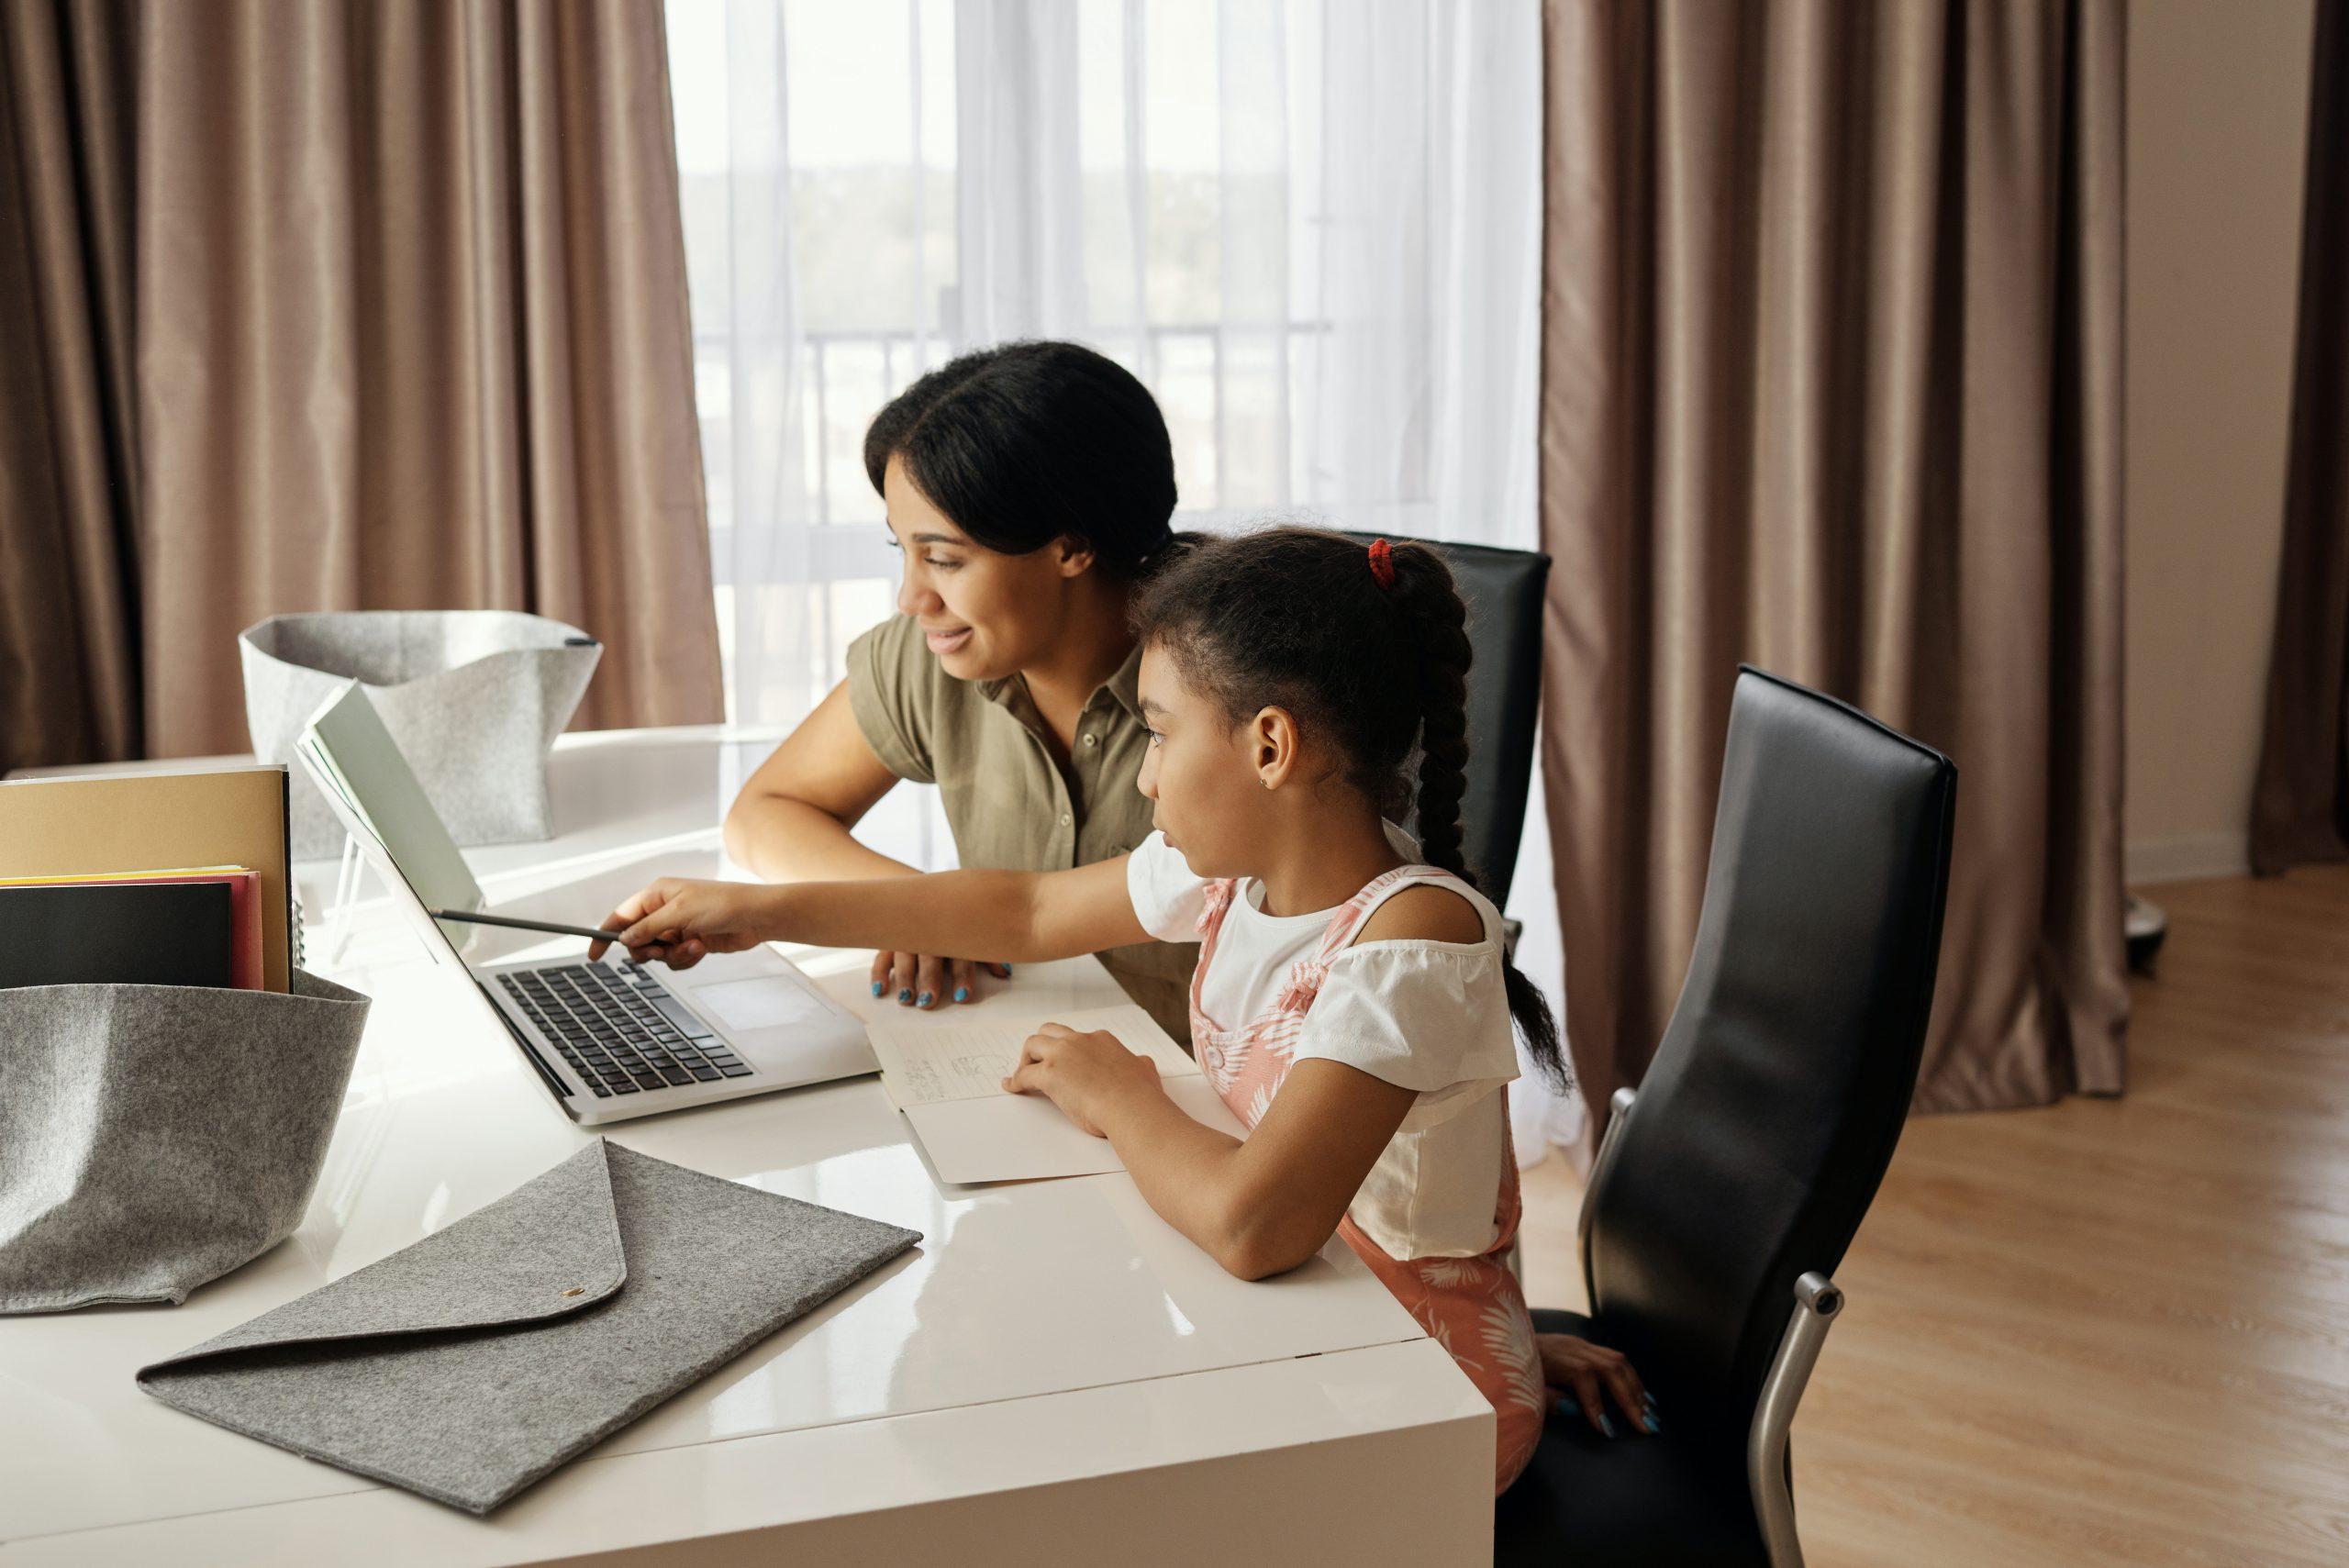 mulher e filha estudando em um notebook Acer